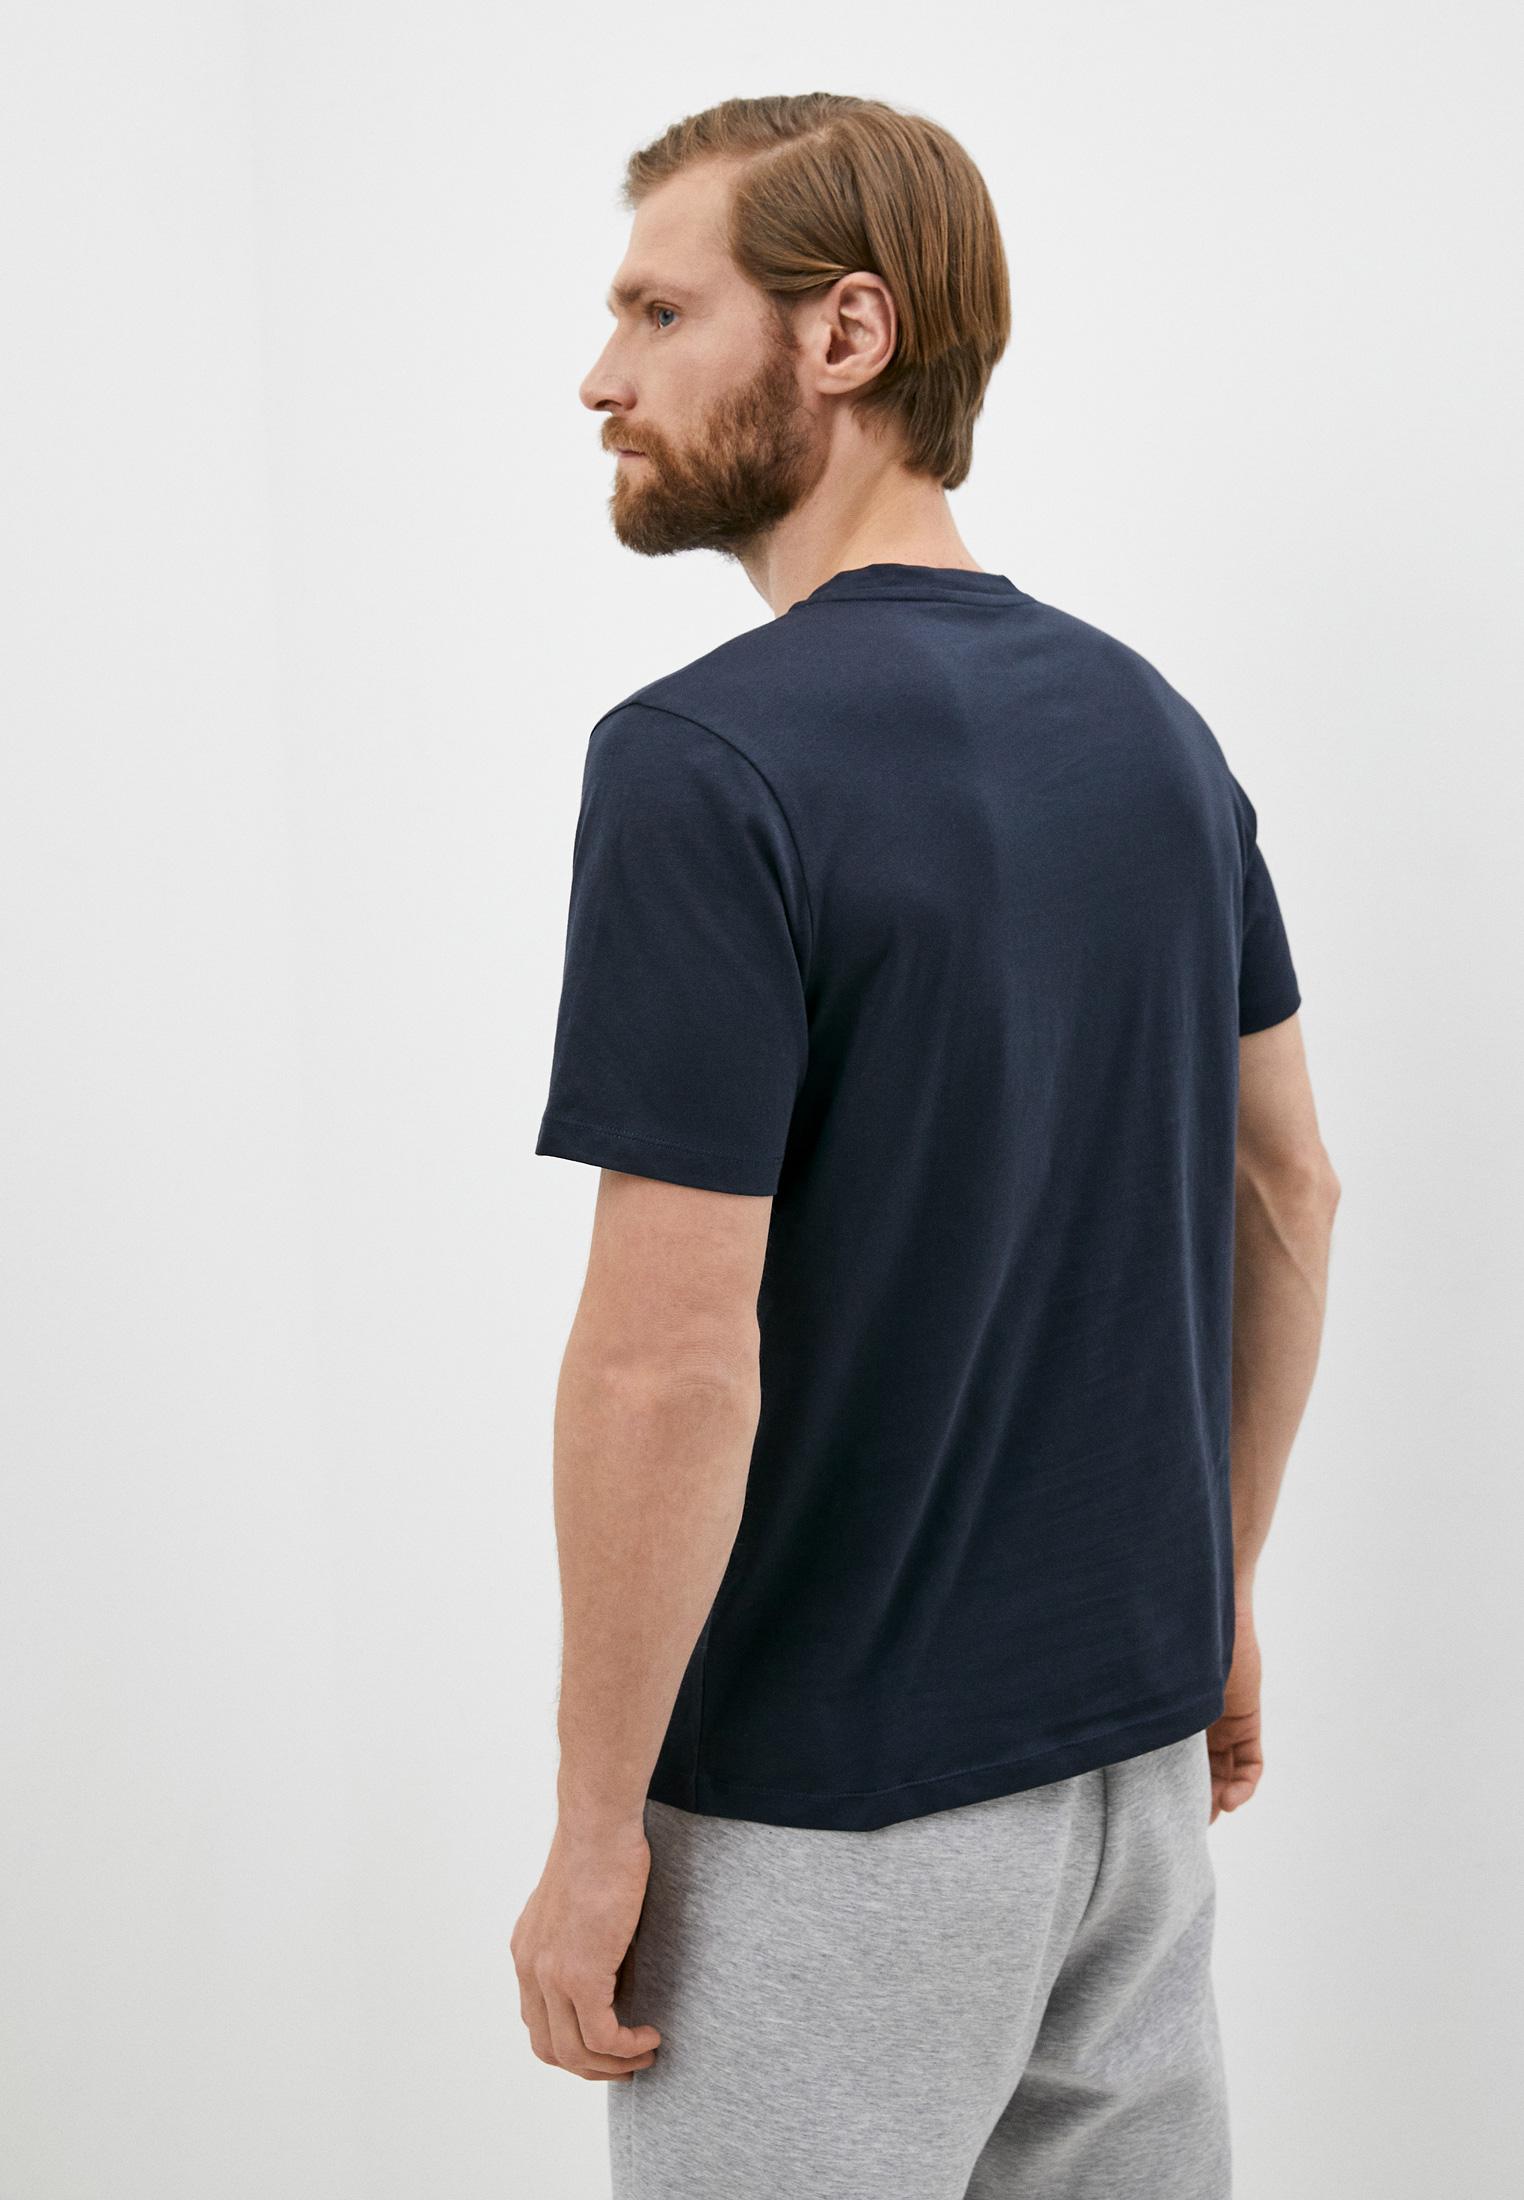 Мужская футболка Baldinini (Балдинини) TS12: изображение 4